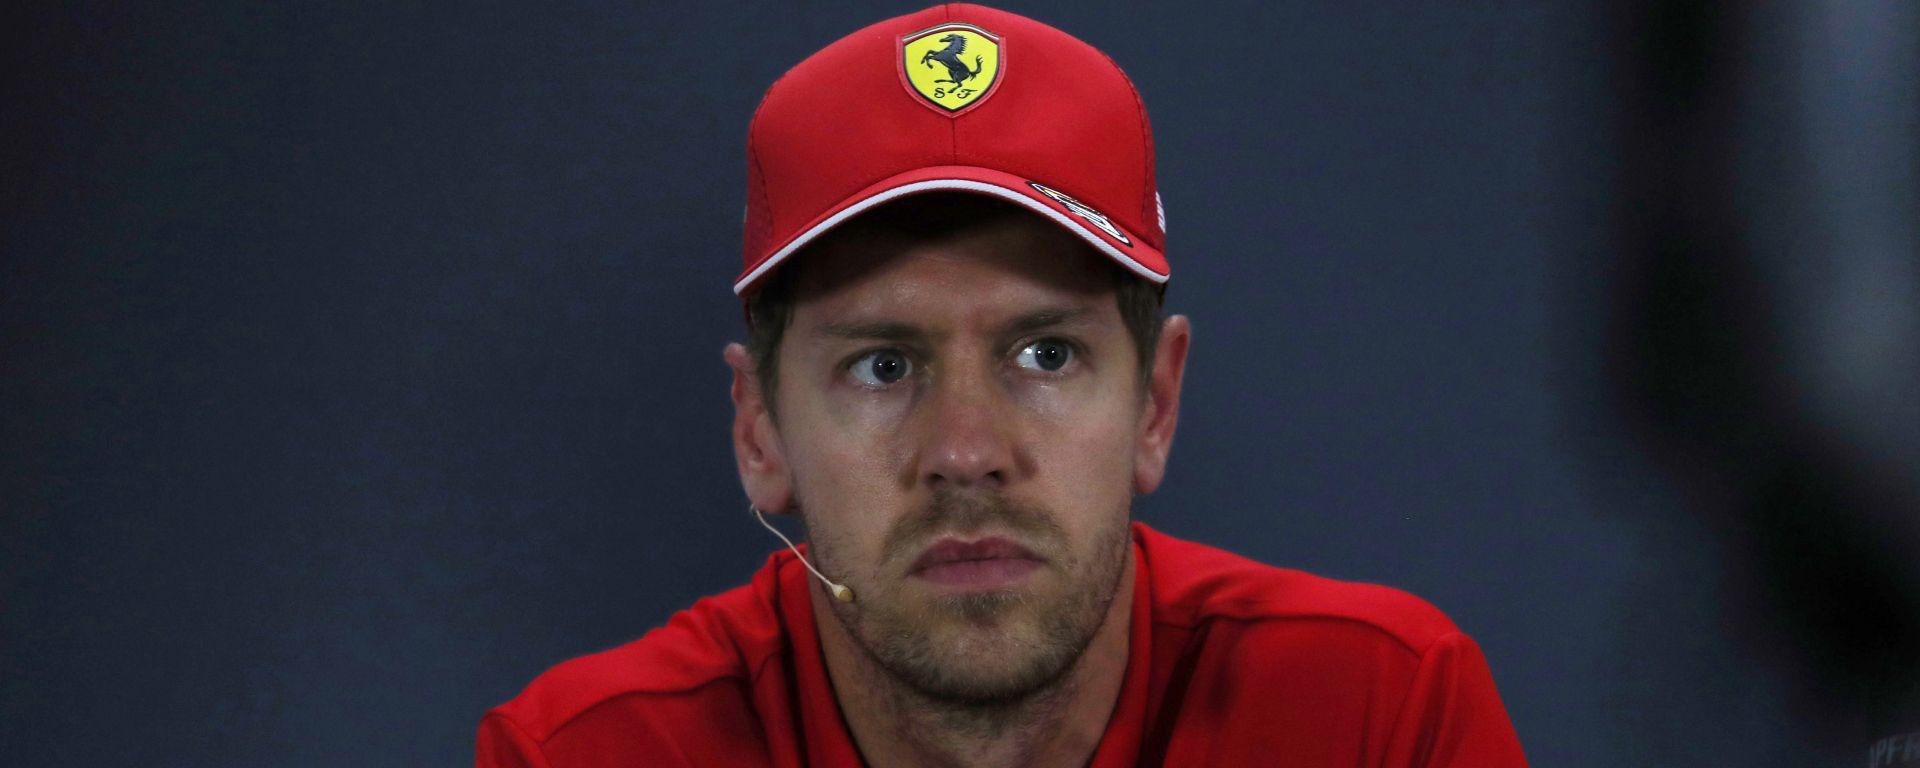 F1 2019: Sebastian Vettel (Ferrari)